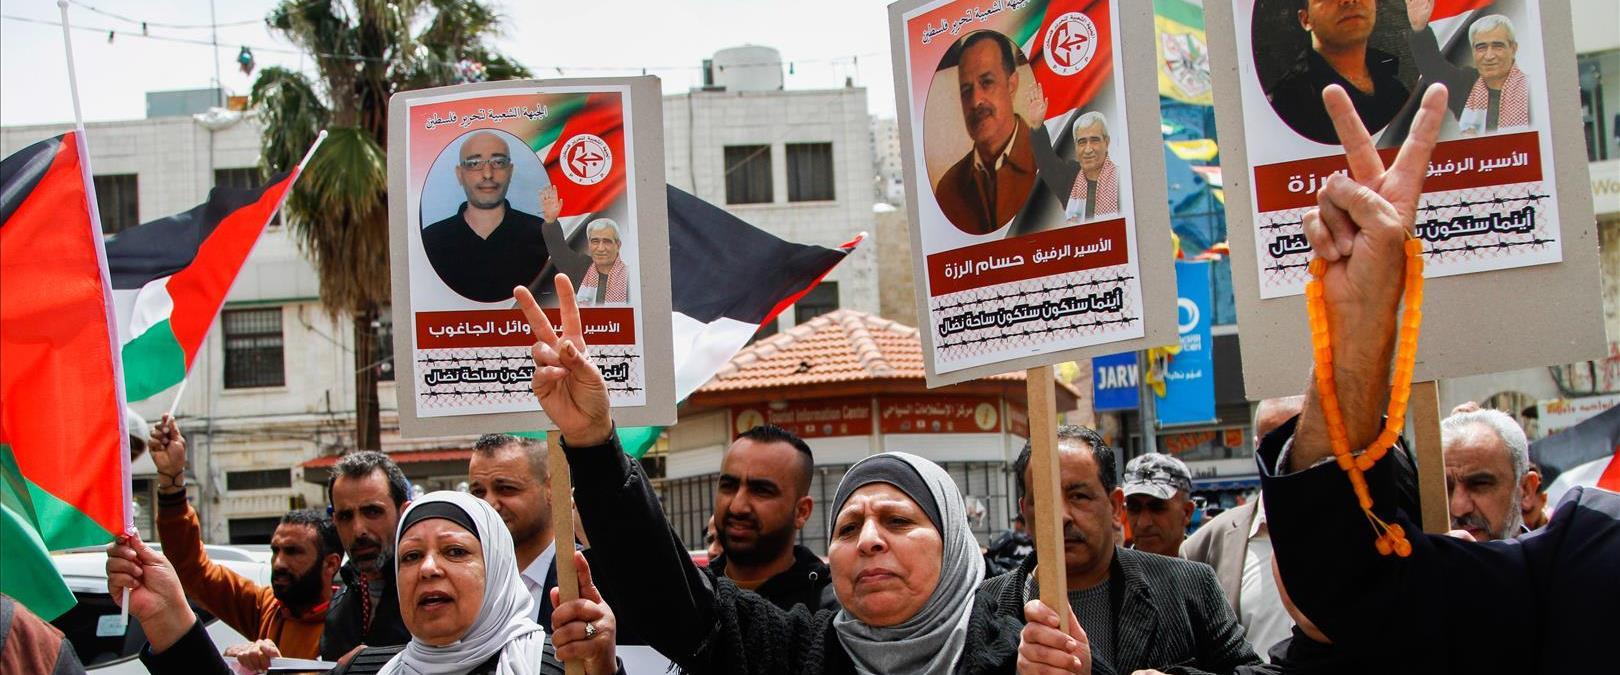 הפגנה למען שחרור אסירים פלסטינים, שכם, אפריל 2019